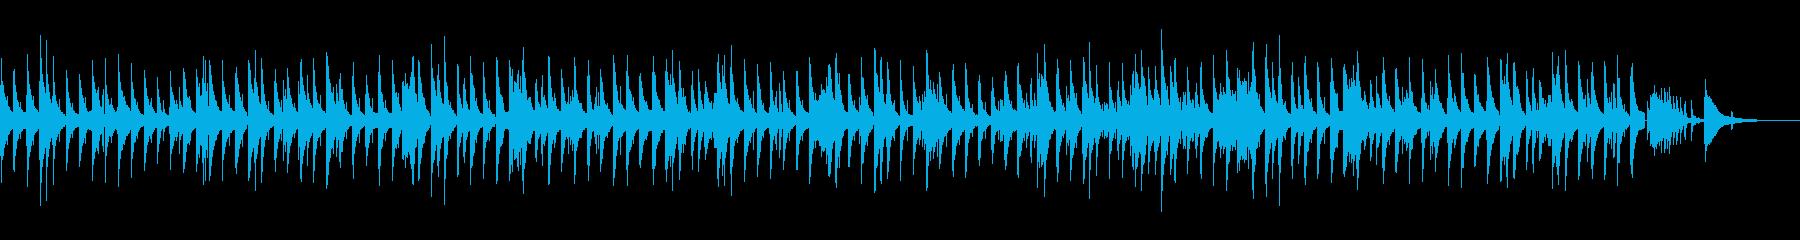 おしゃれで大人なジャズバラードBGMの再生済みの波形